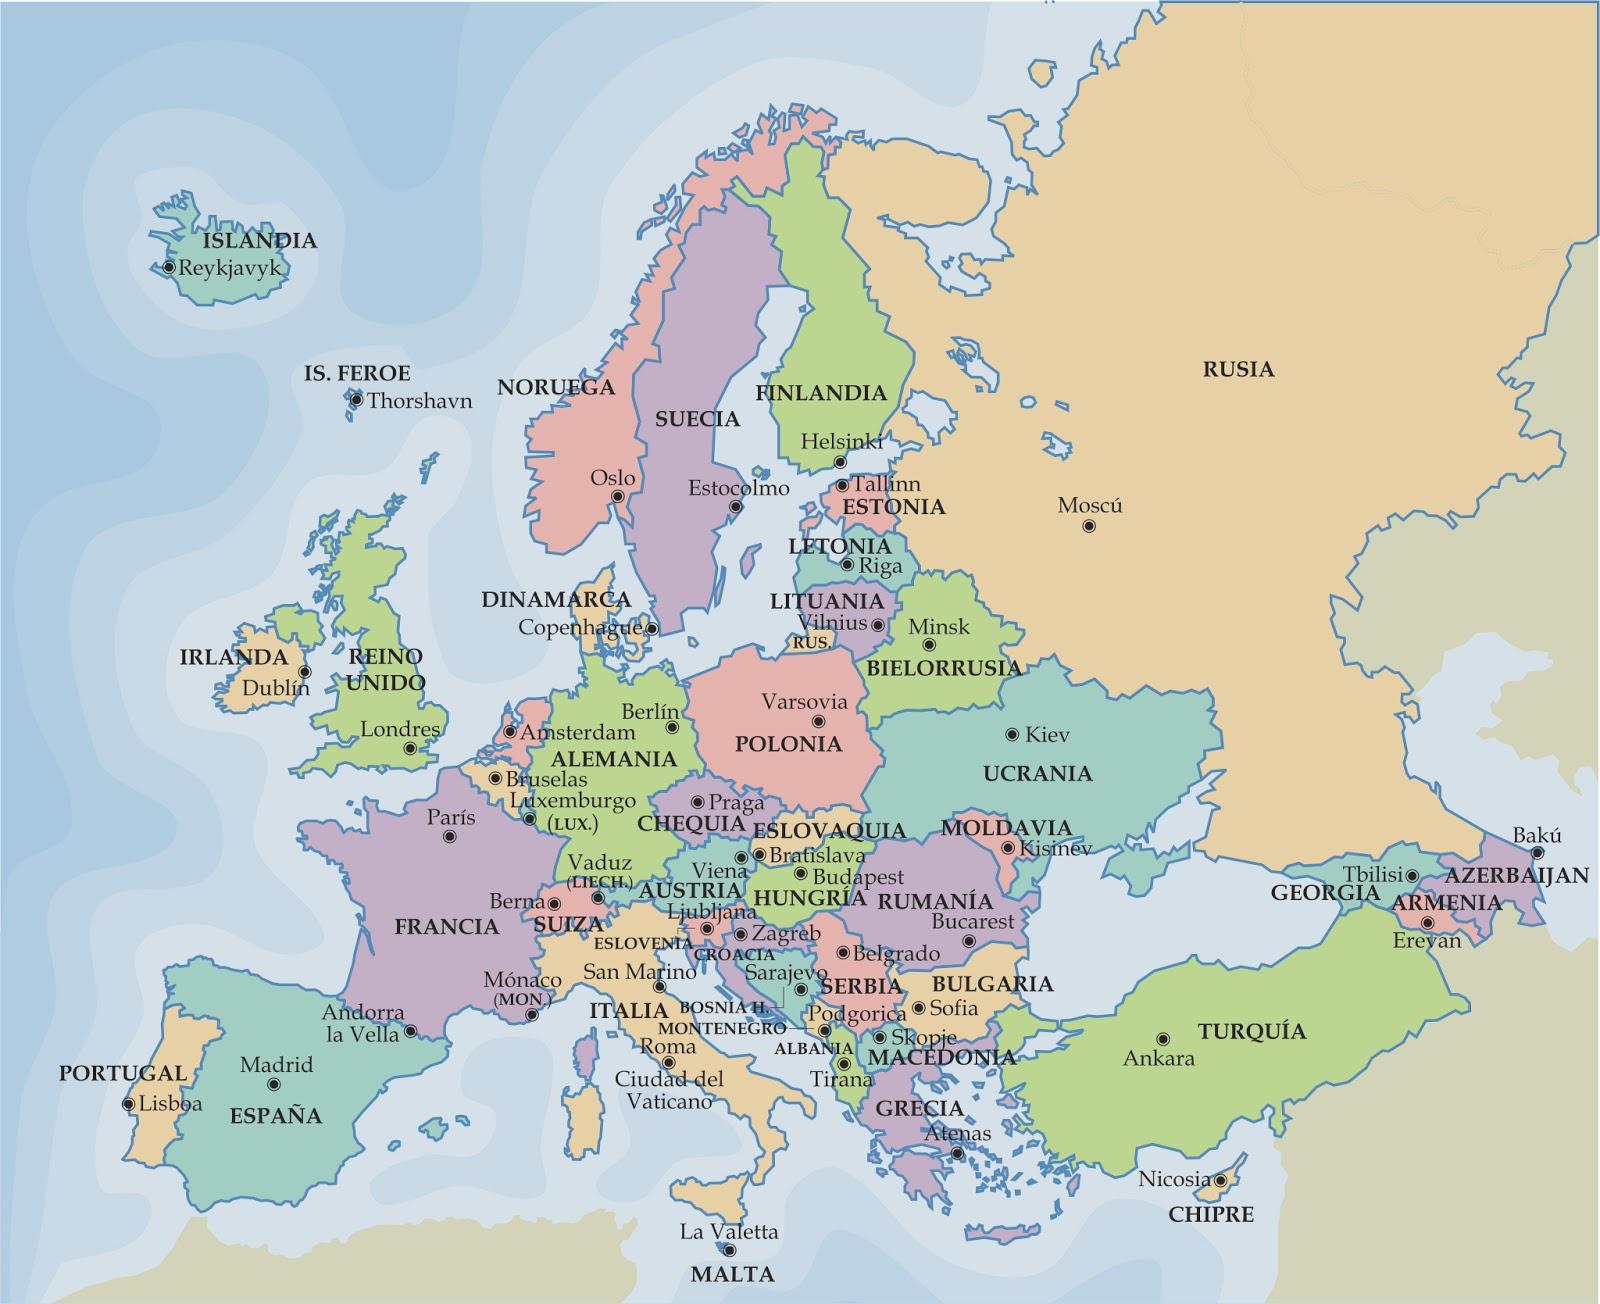 La Cartina Europa.Mappa Politica Online Dell Europa Guardacome Com